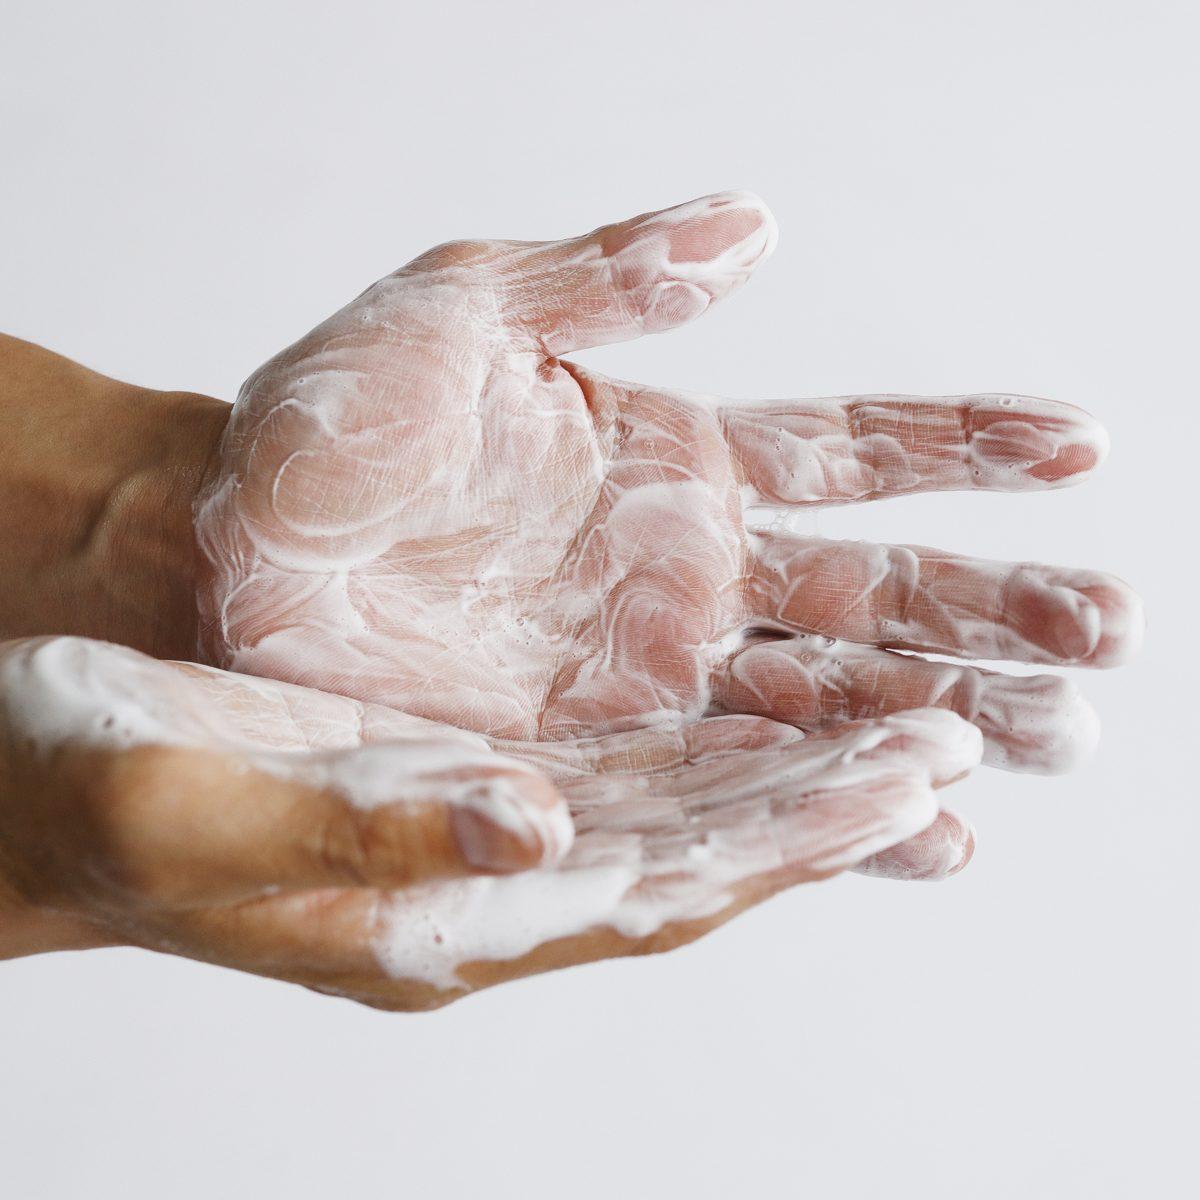 無印良品 フィルム石鹸